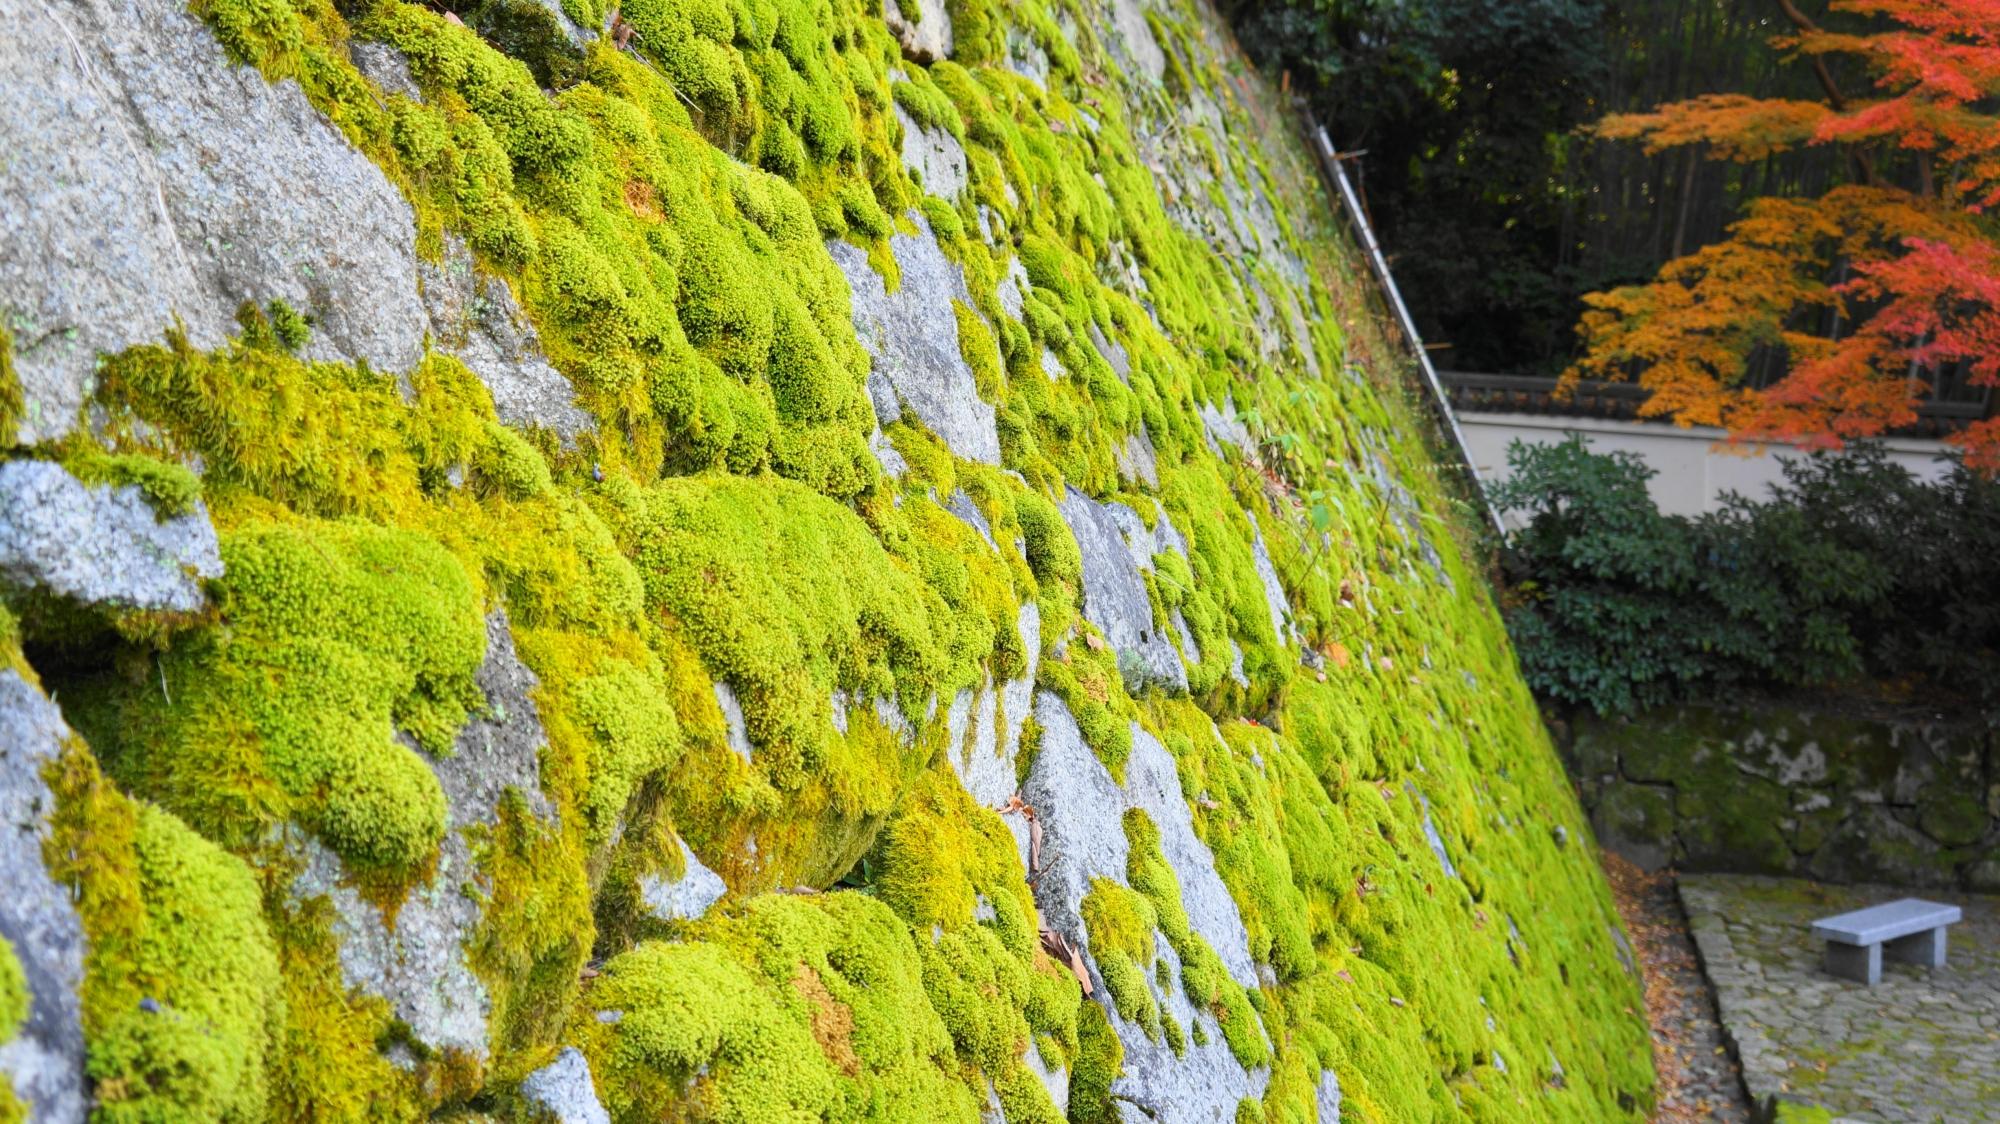 知恩院黒門坂の石垣の見事な淡い緑色の苔